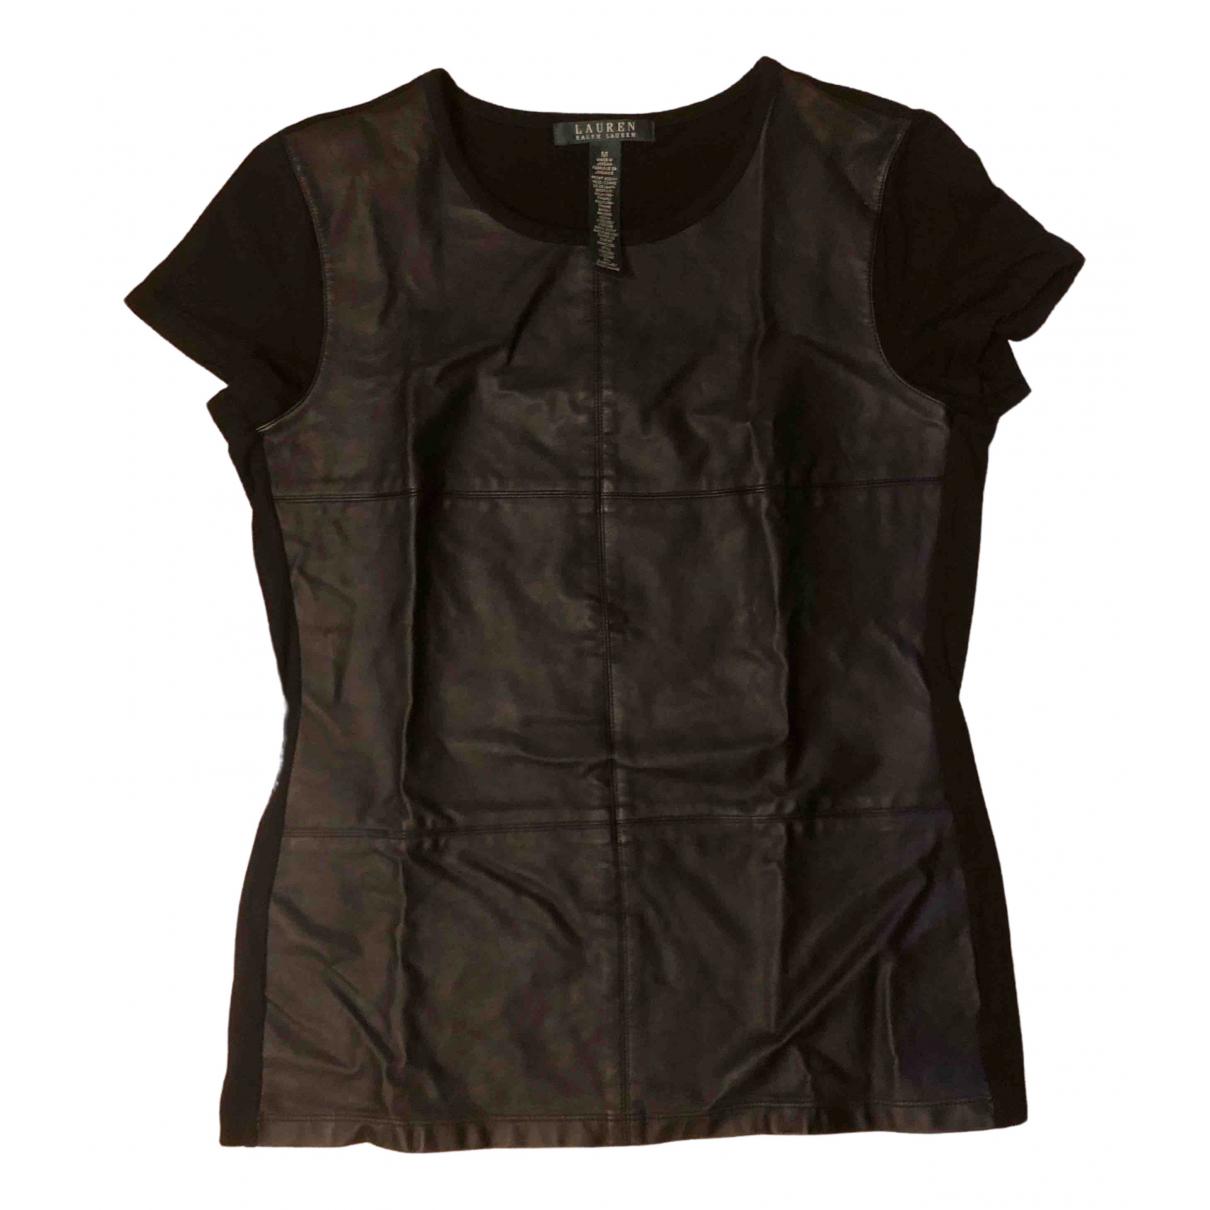 Lauren Ralph Lauren - Top   pour femme en cuir verni - noir